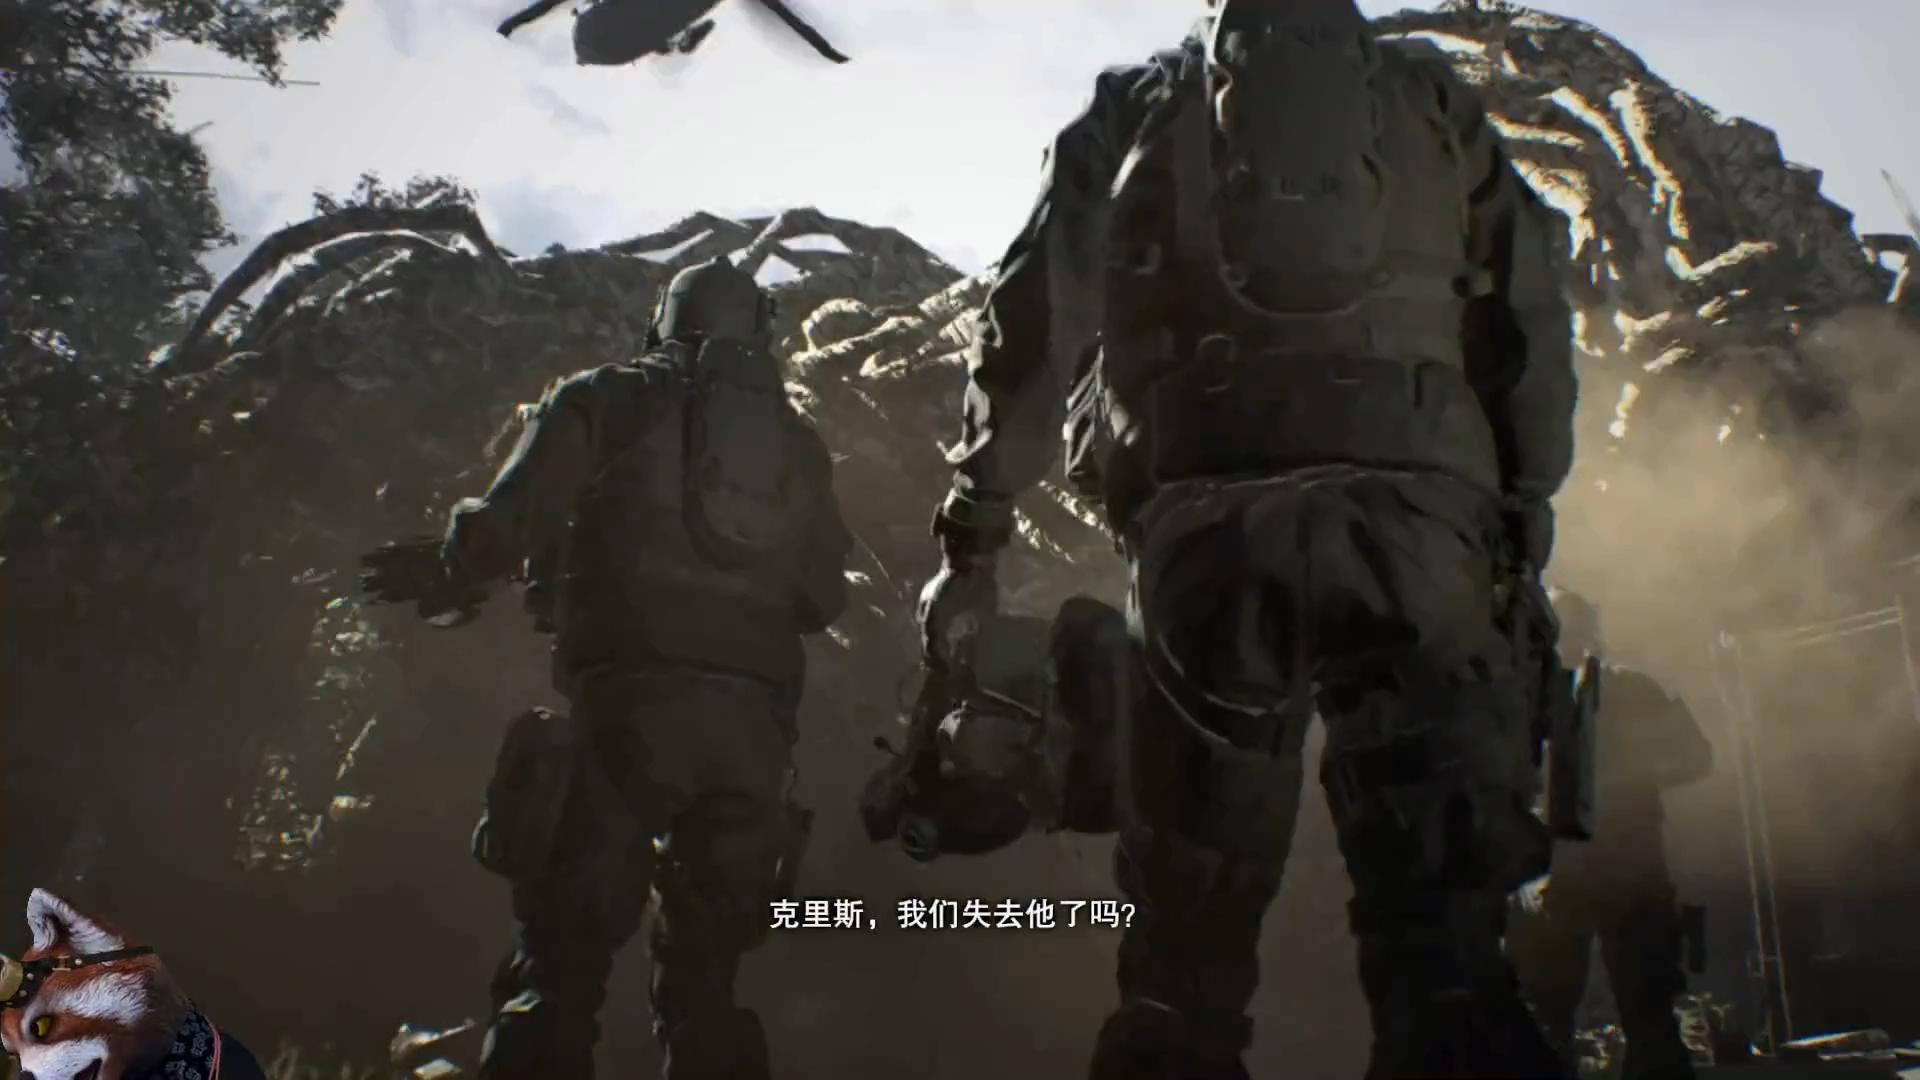 纯黑《生化危机7》克里斯DLC不是英雄